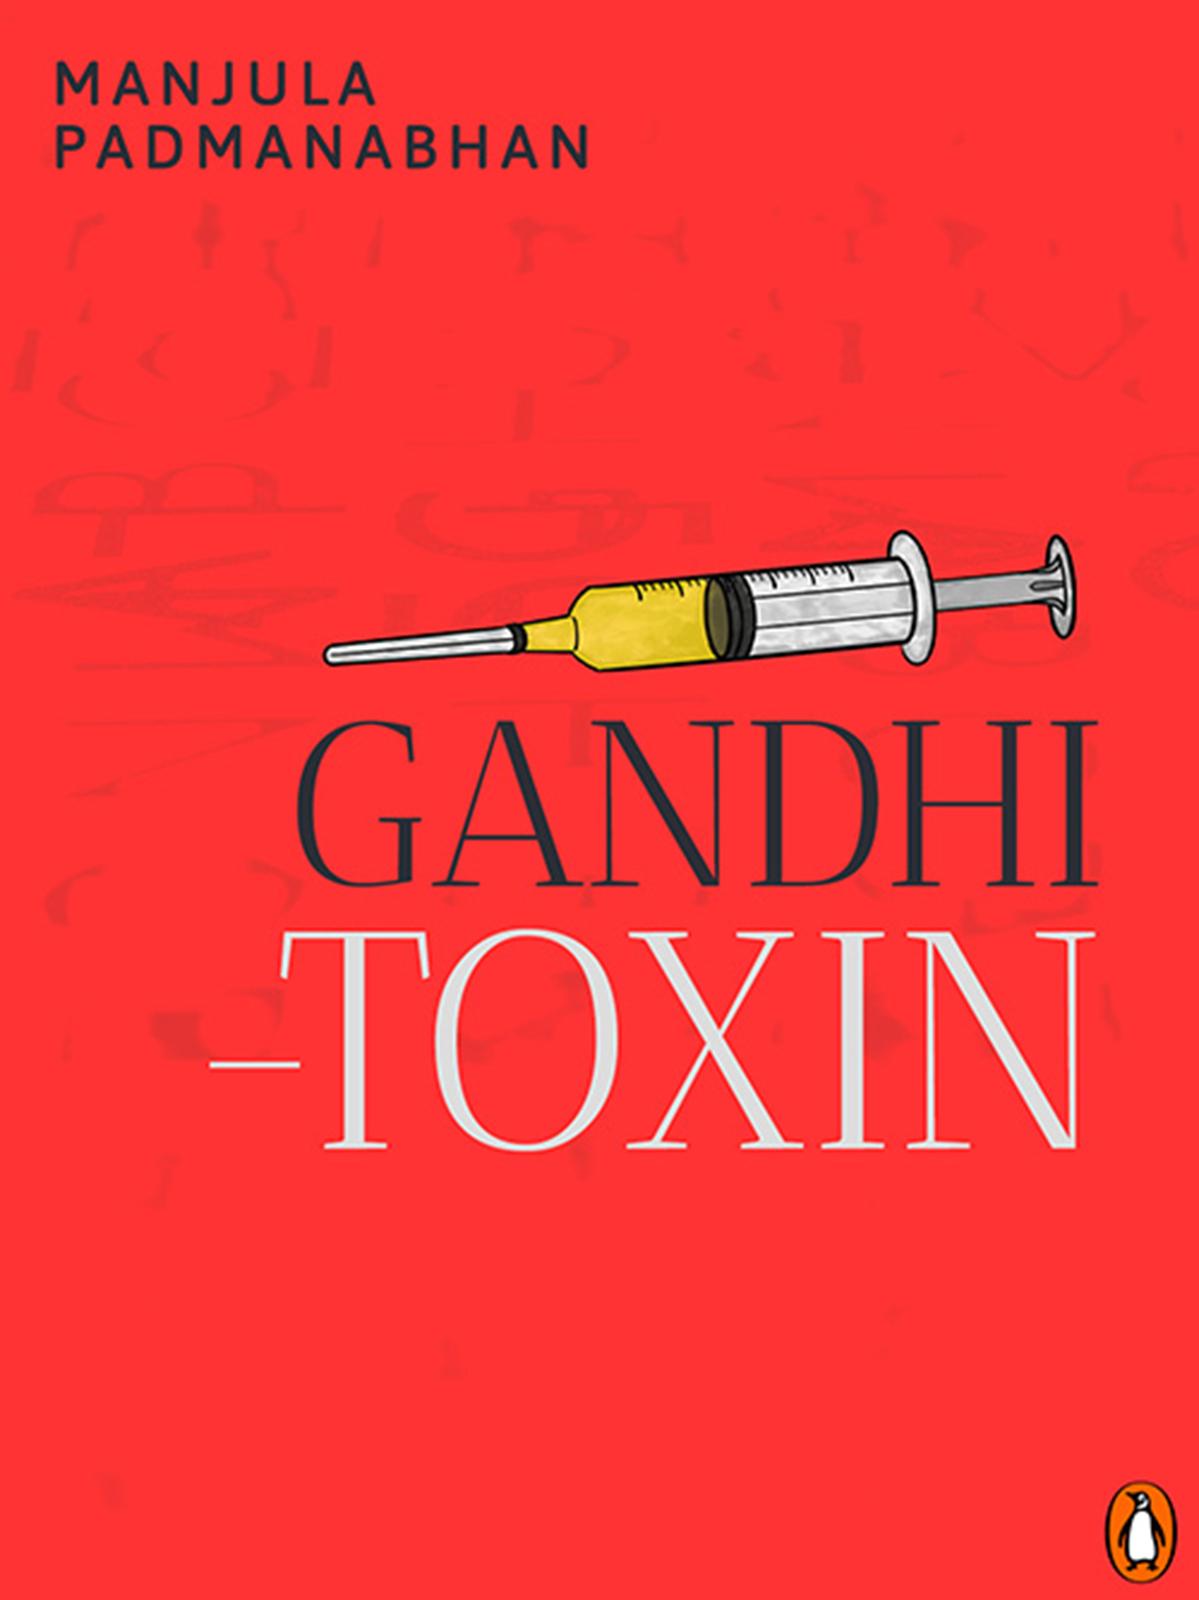 Gandhi-toxin